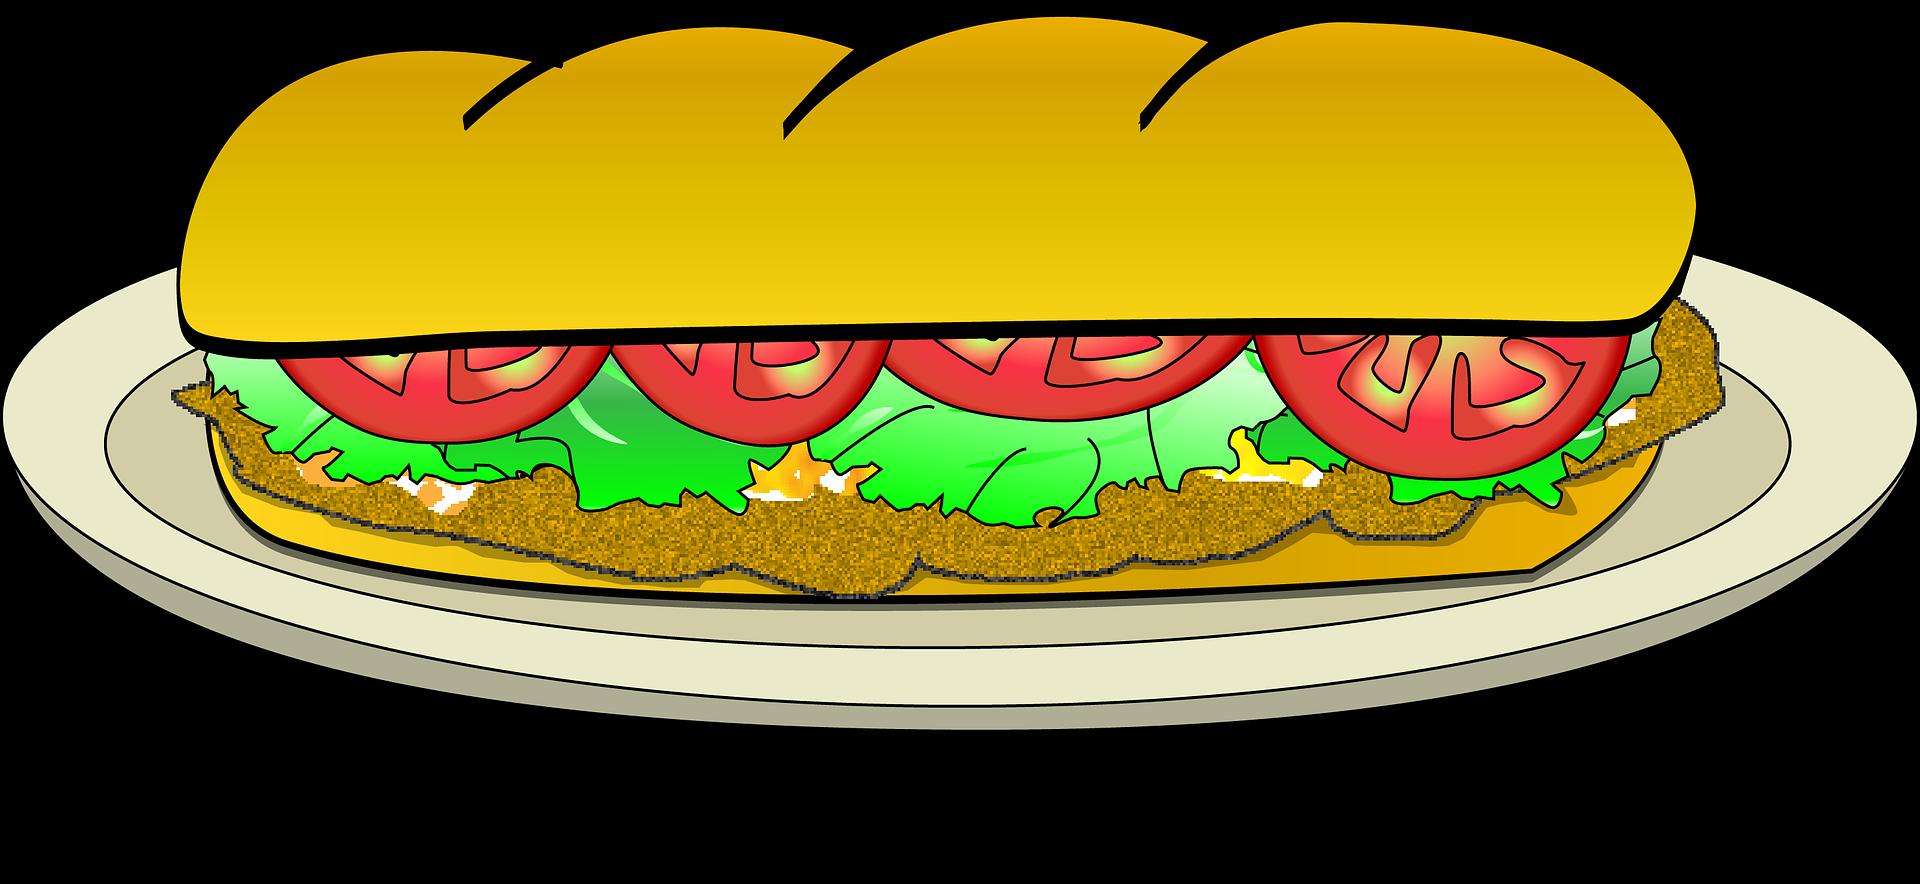 Clipart bread sandwich bread. Sxe ndwich de milanesa